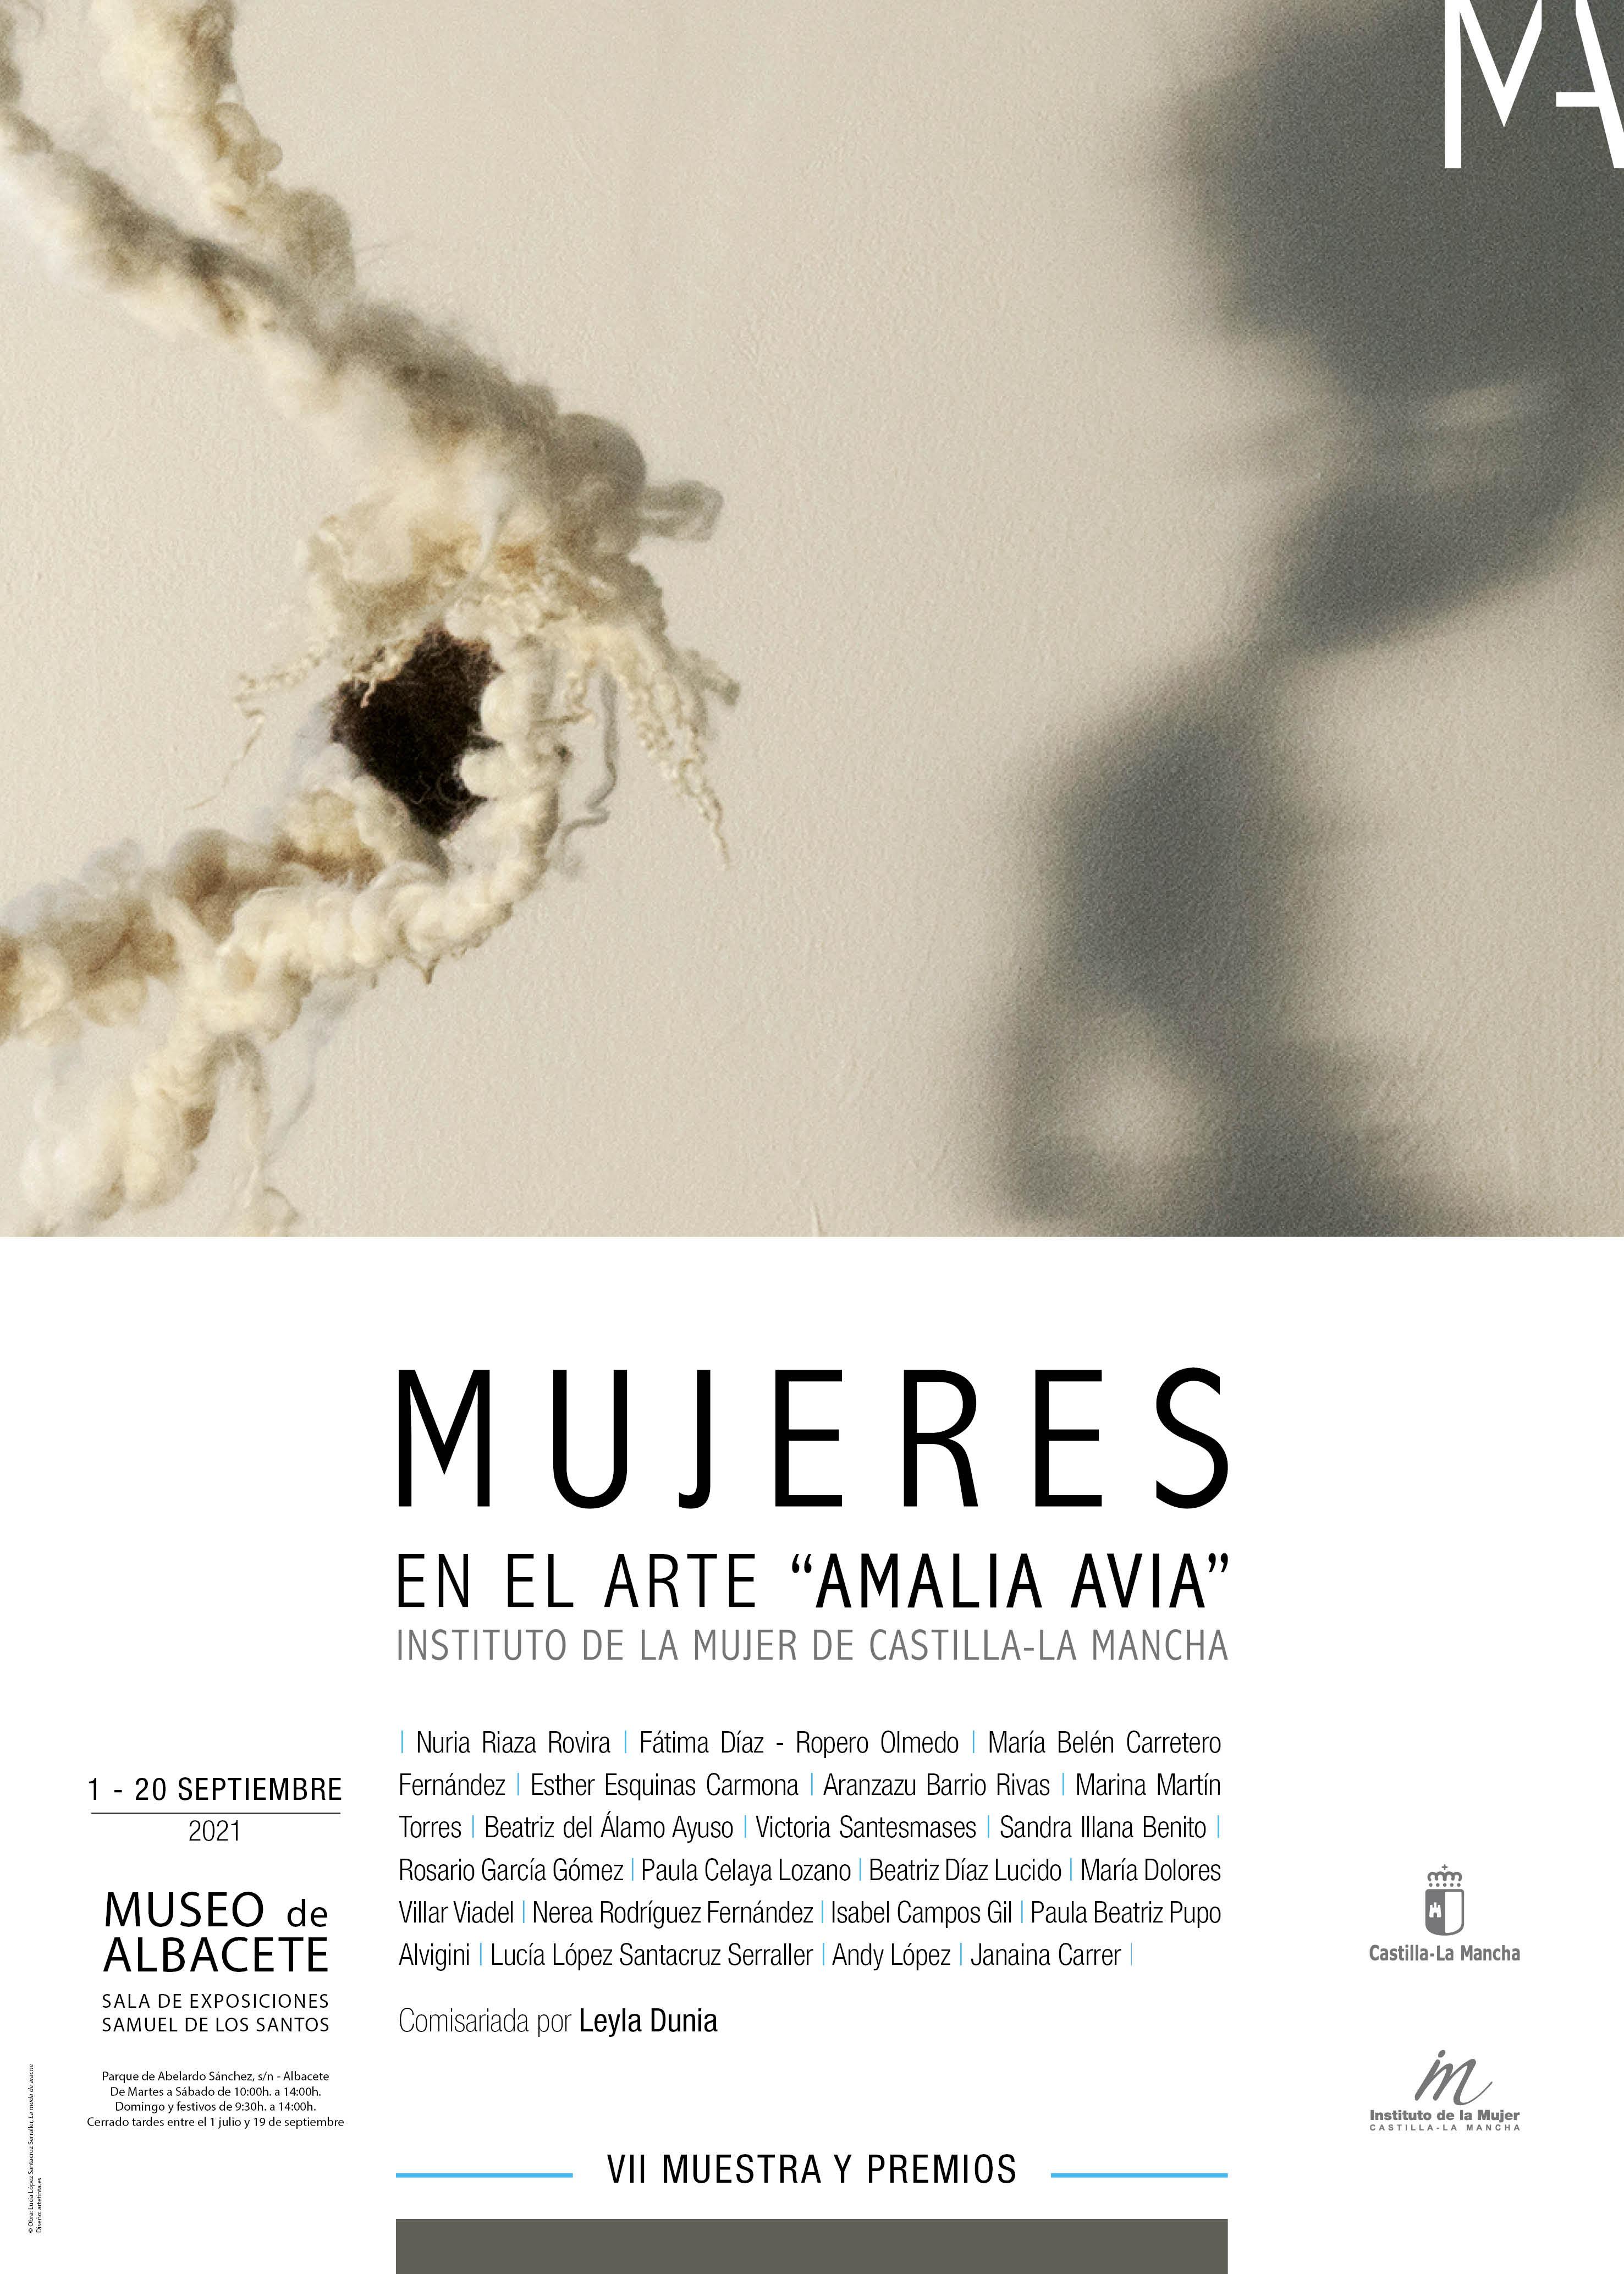 """VII MUESTRA MUJERES EN EL ARTE """"AMALIA AVIA"""""""